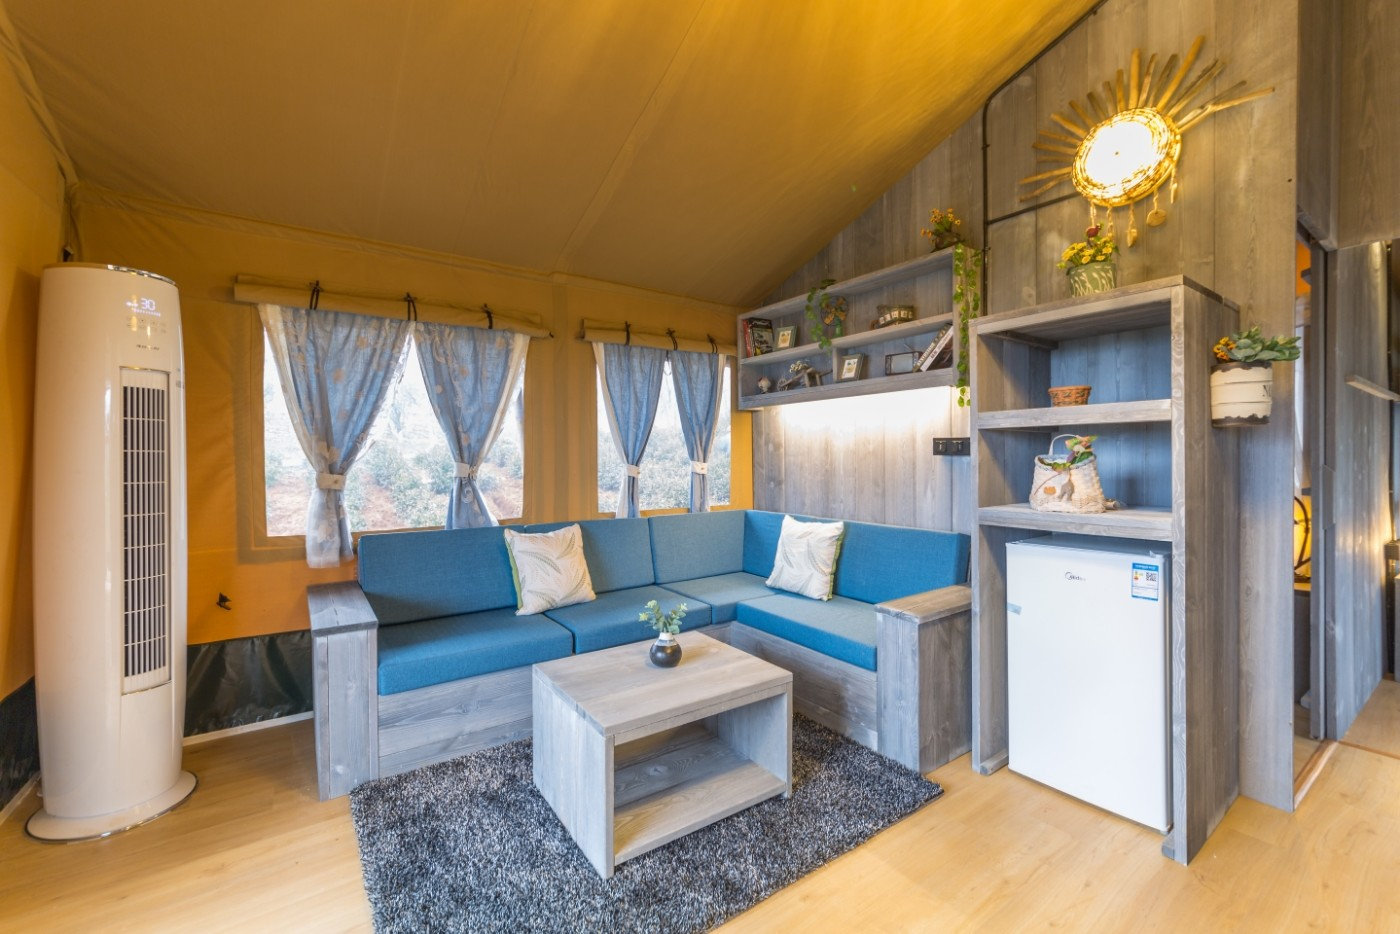 喜马拉雅野奢帐篷酒店—江苏常州茅山宝盛园2期茶田帐篷酒店23